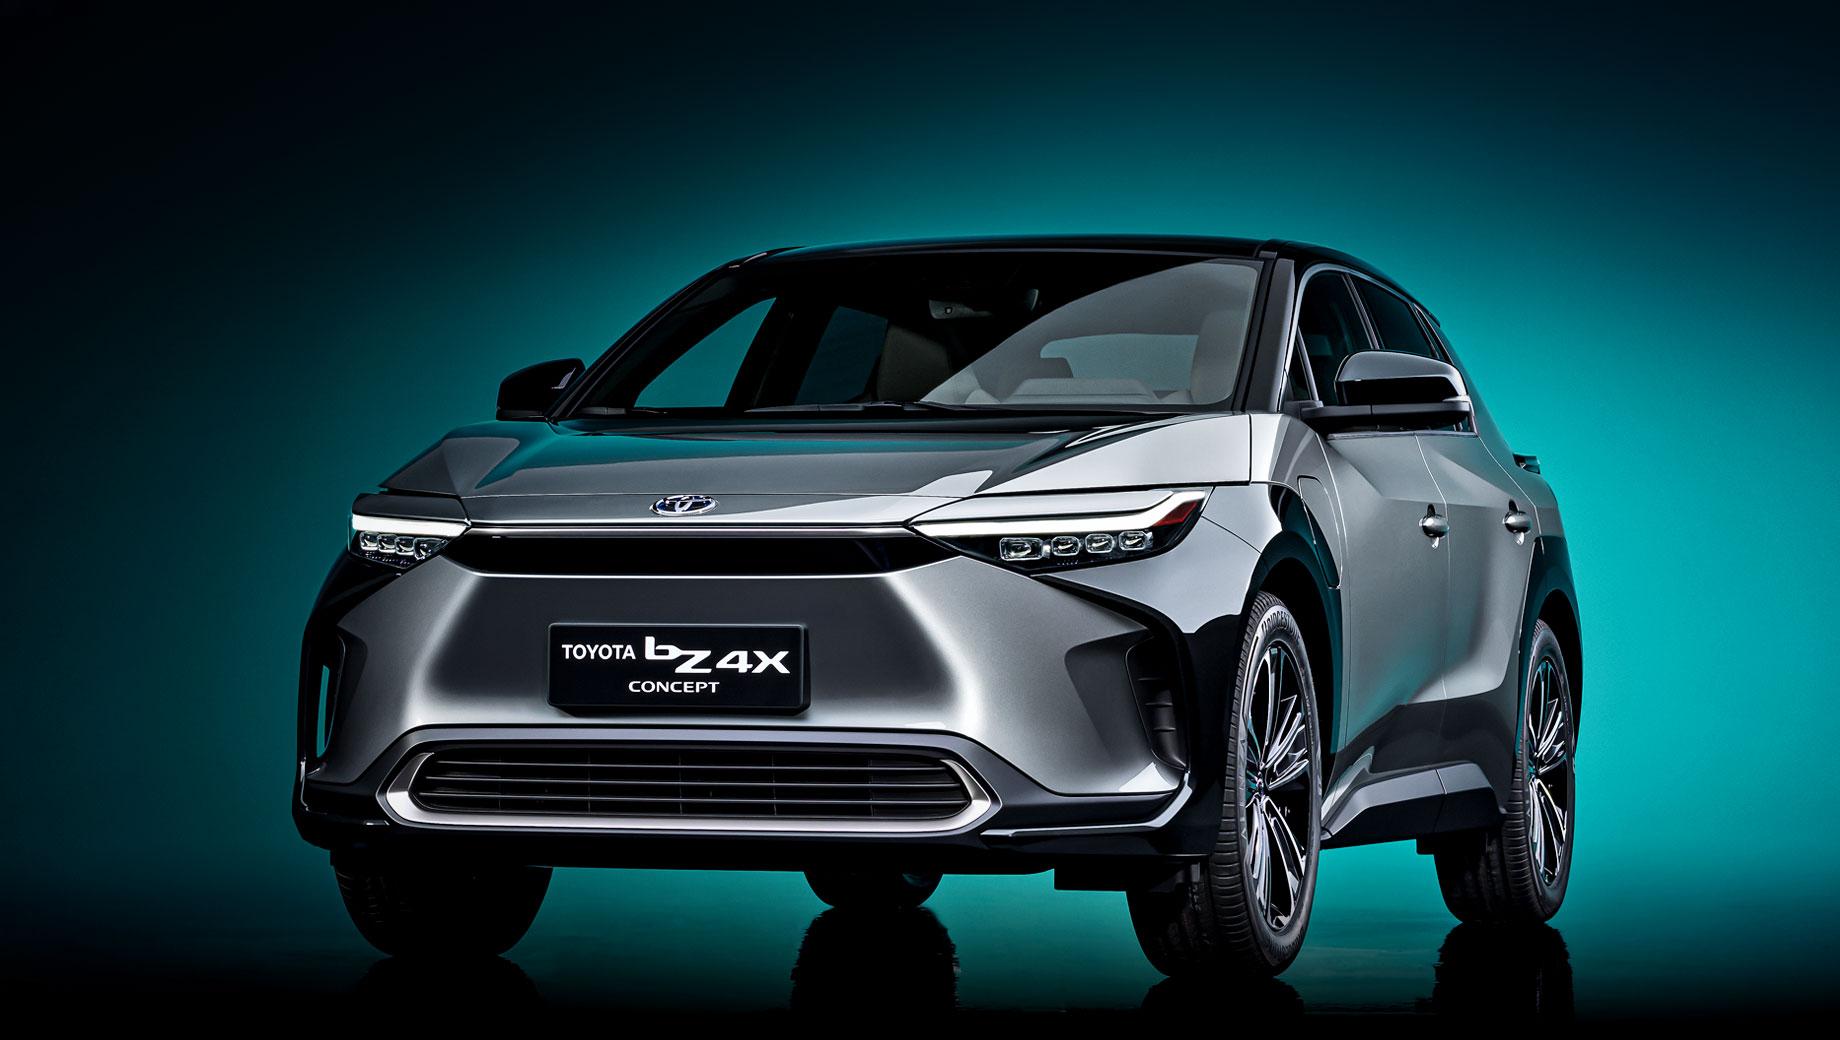 Концепт Toyota bZ4X открыл новую серию электрокаров